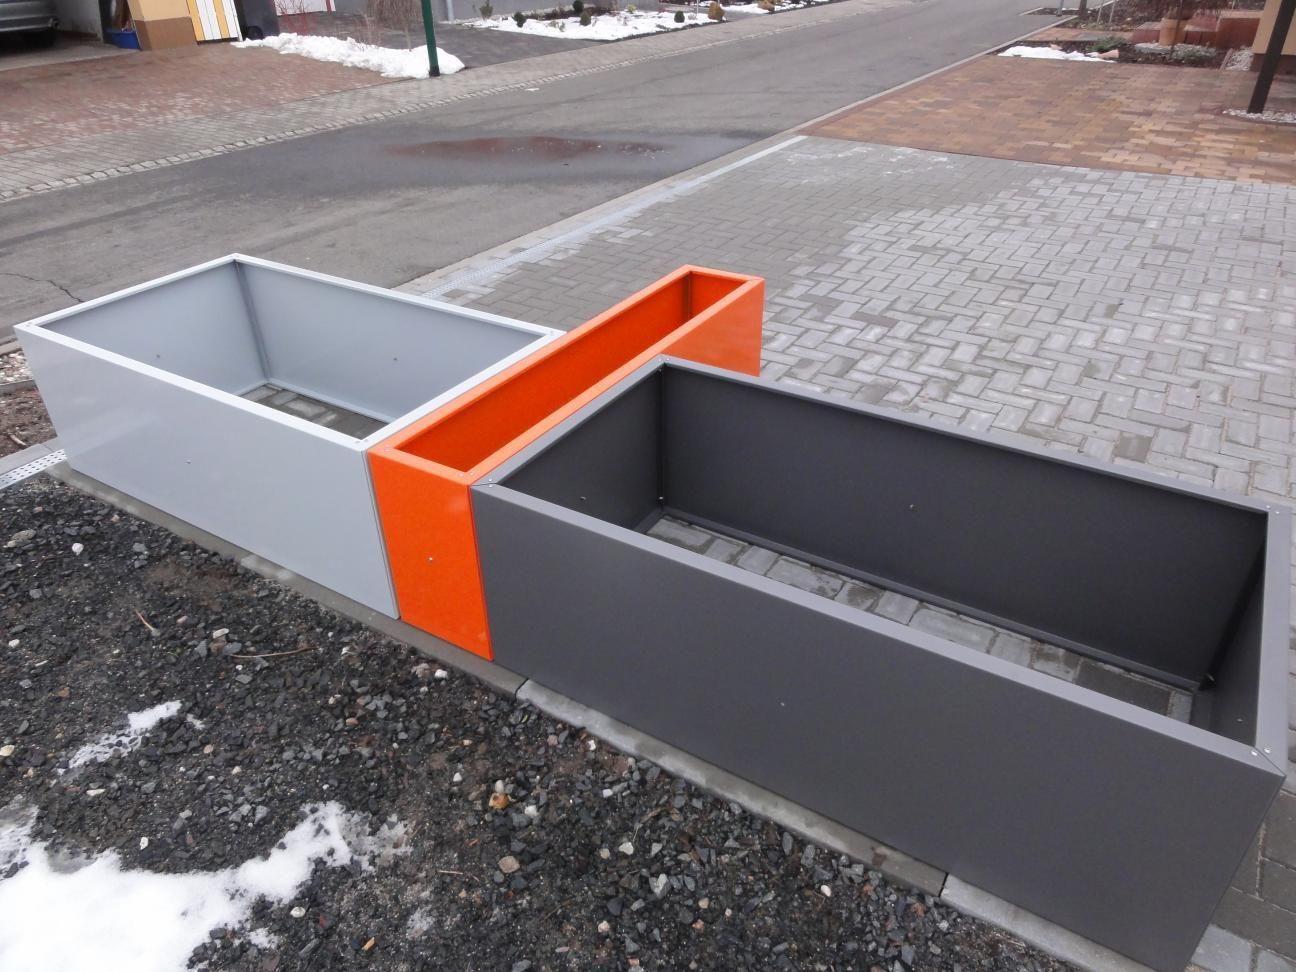 Unsere Hochbeete Urban Sind Aus Metall Stabil Und In Vielen Gro En Erhaltlich Eine Moderne Losung Fur Ihren Garten Balkon Oder Terrasse